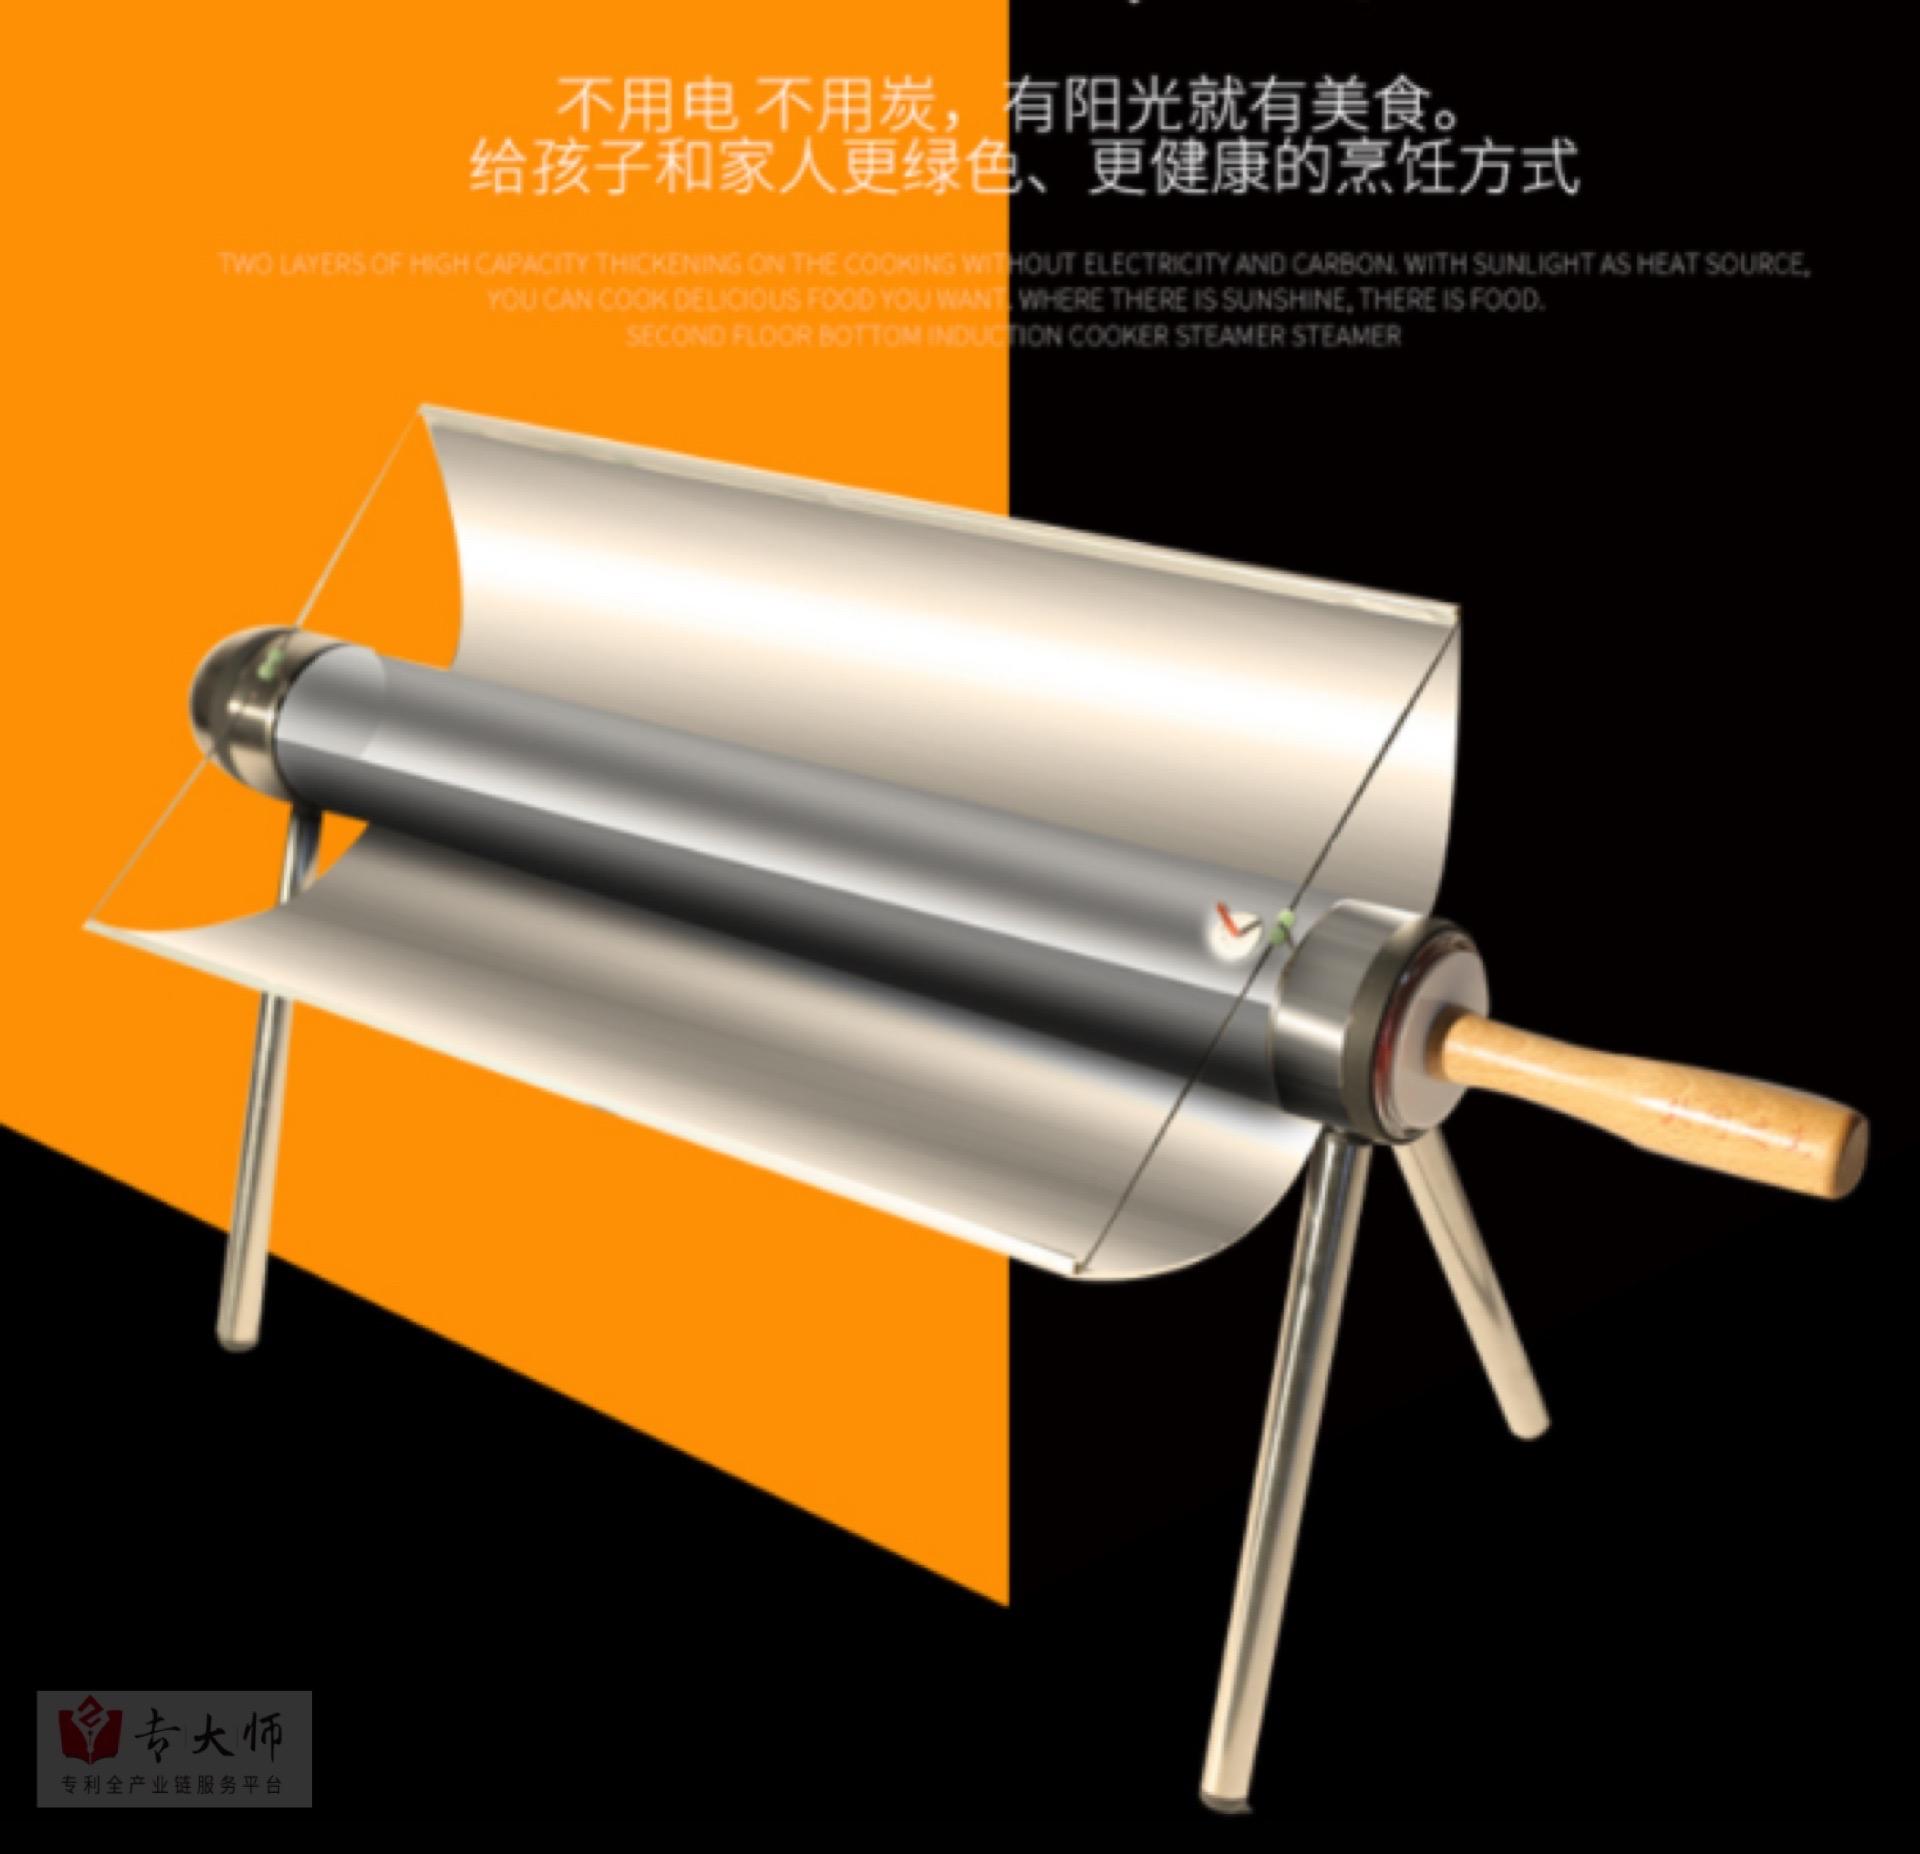 专利交易-太阳能烧烤炉